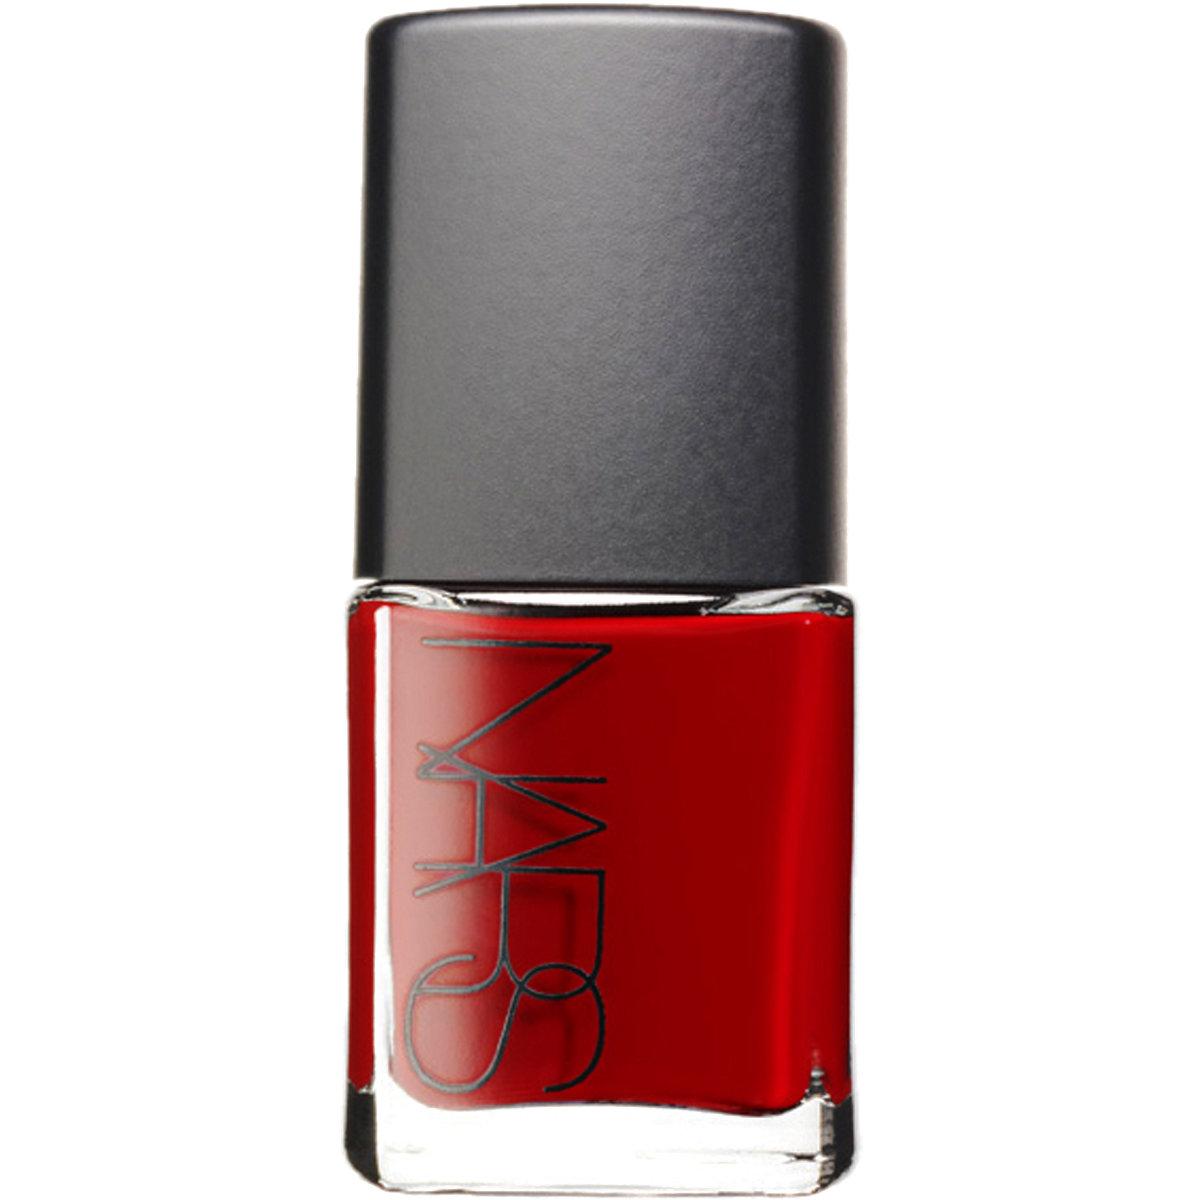 nars jungle red nail polish